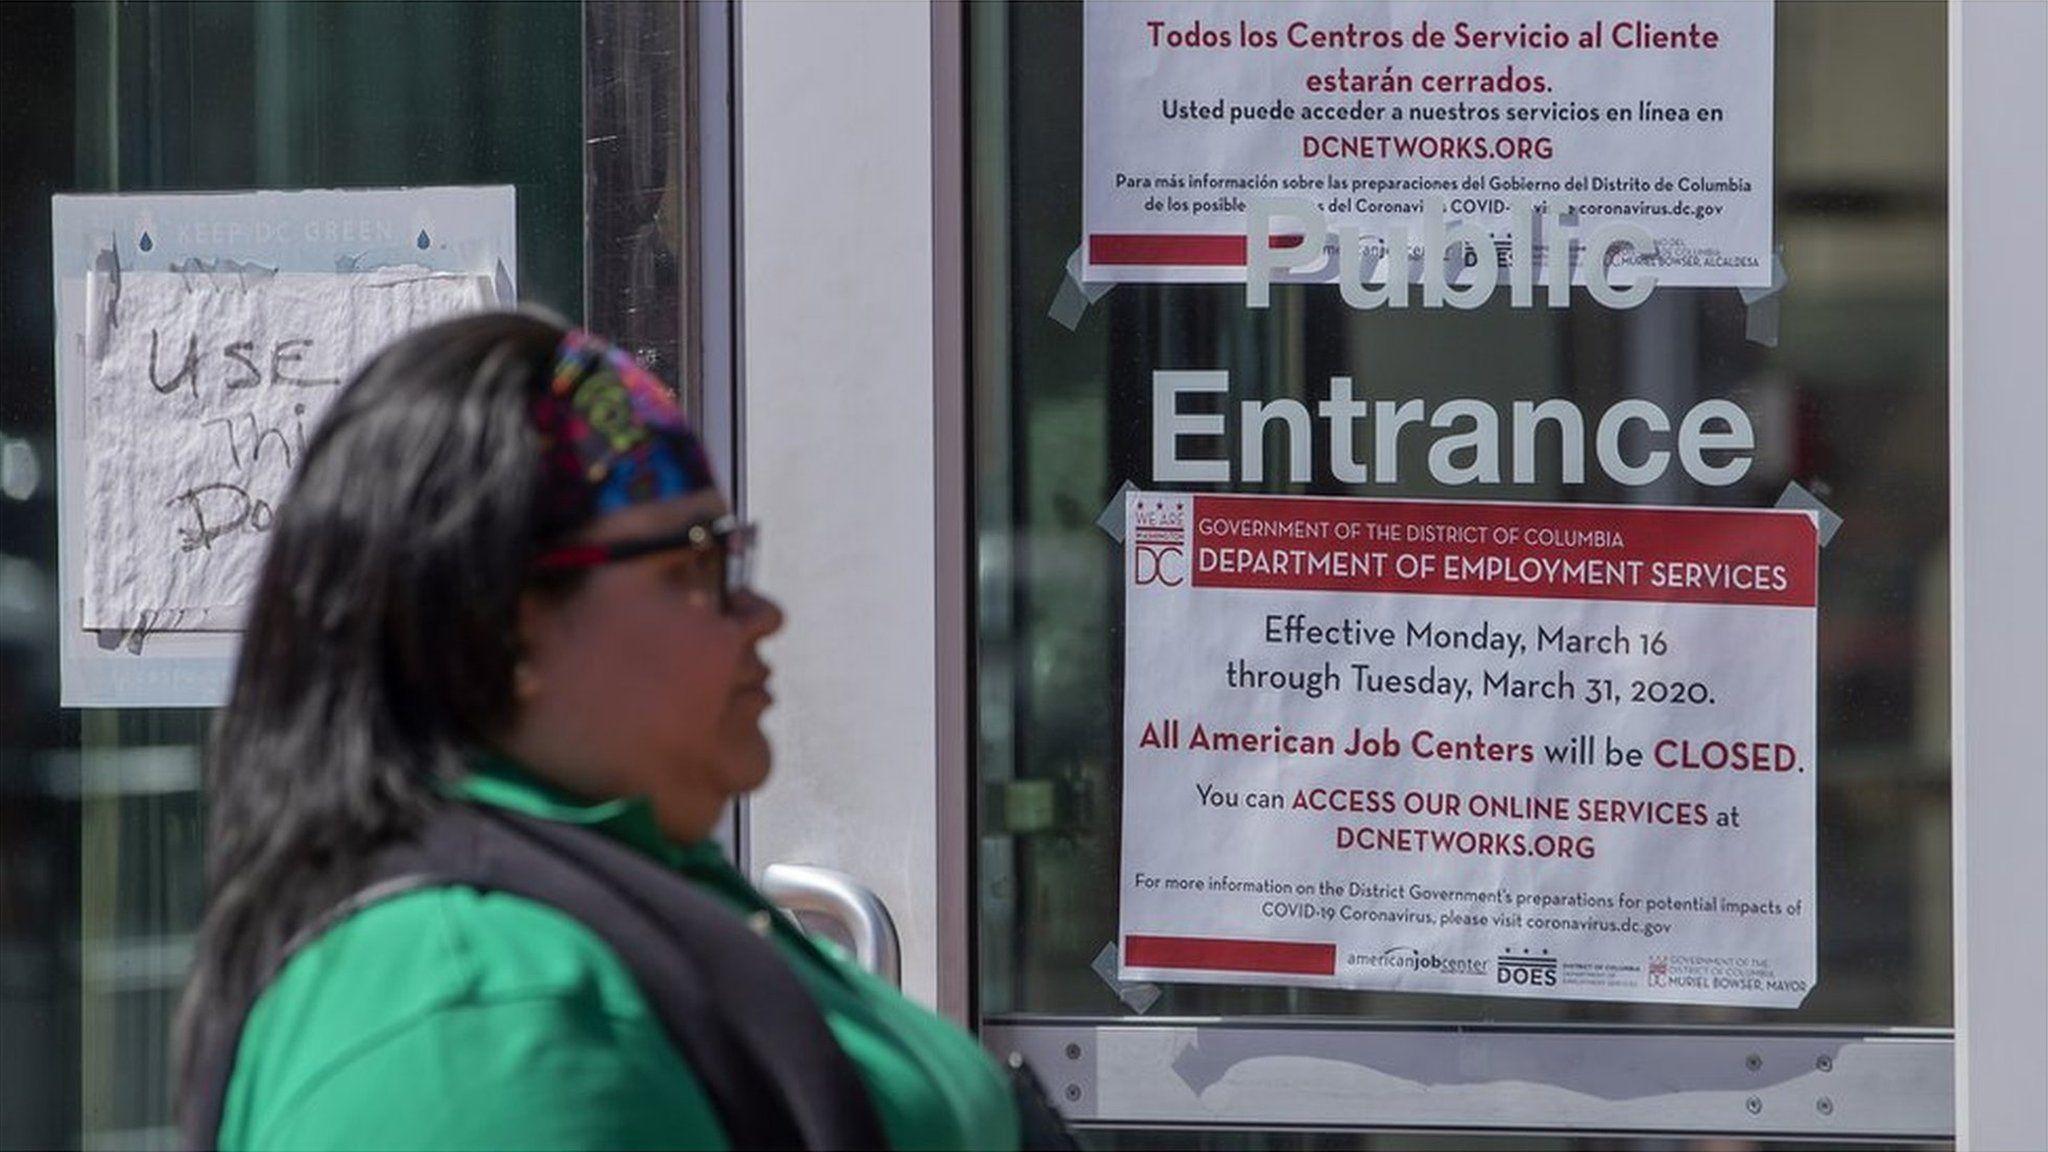 米国 失業 保険 申請 件数